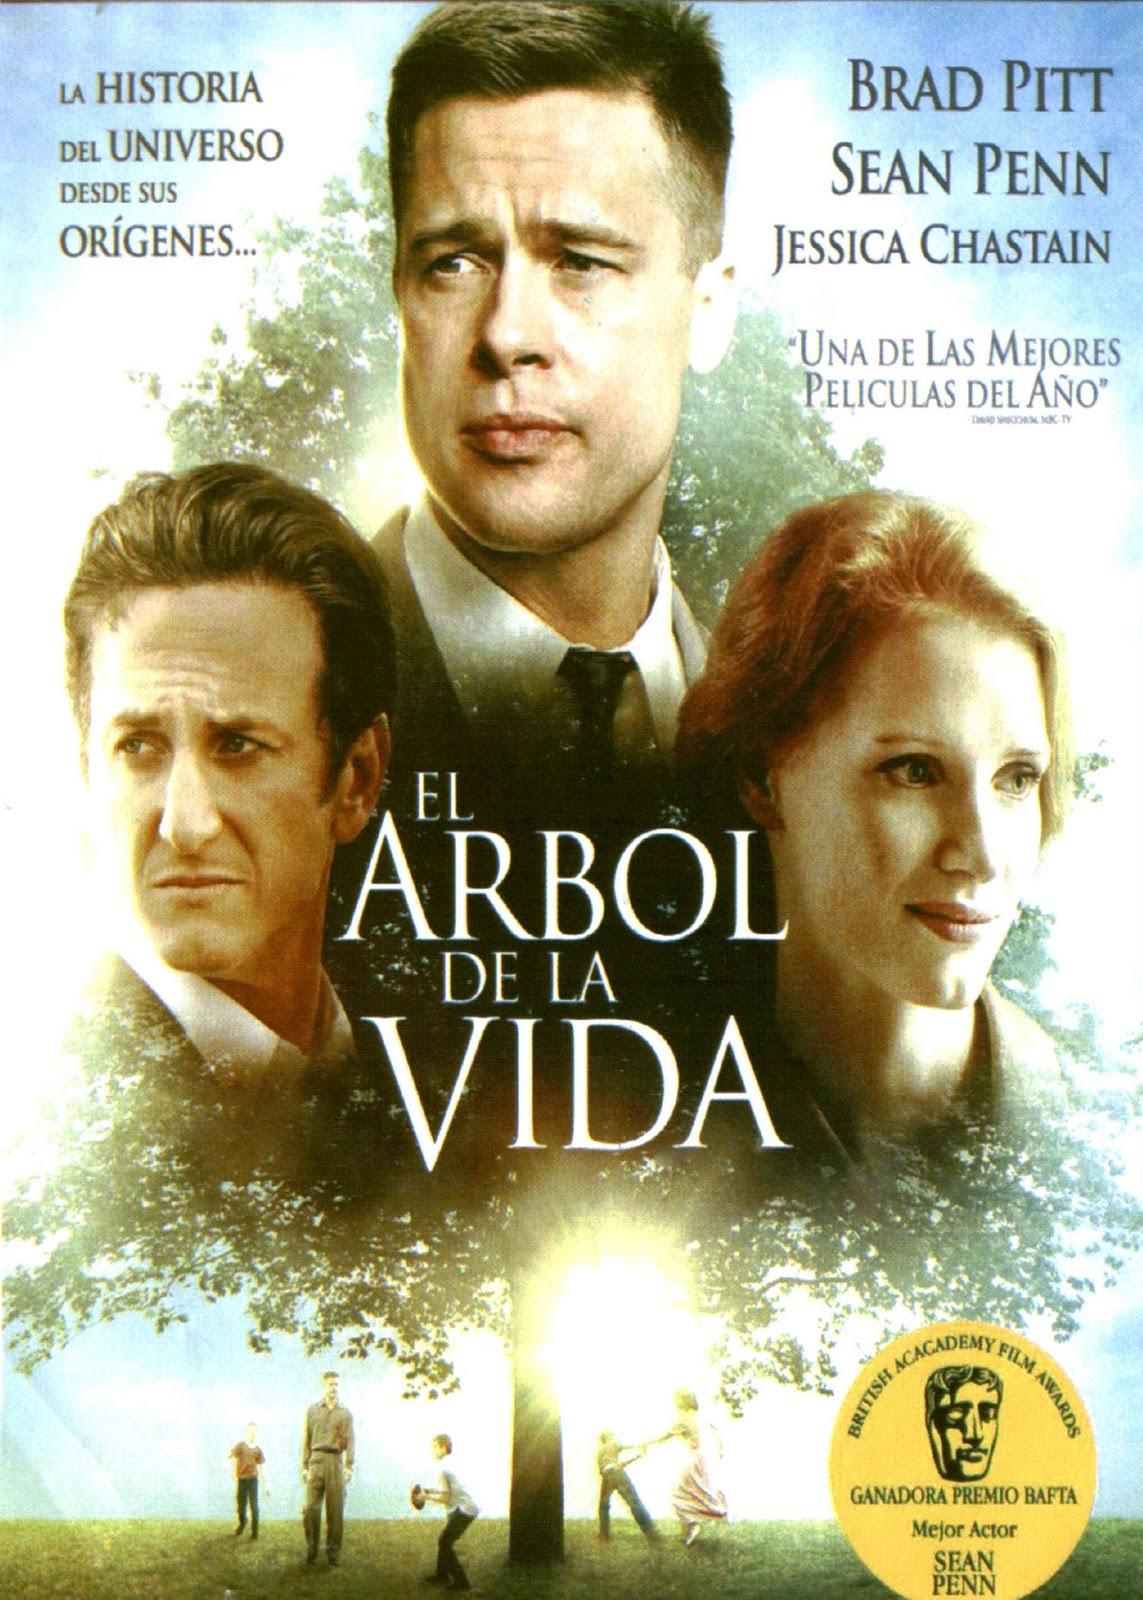 http://3.bp.blogspot.com/-kf7EDx1hOCo/TshJdHpsBrI/AAAAAAAAAVY/Yx0cMpEqDuQ/s1600/El+Arbol+De+La+Vida+%25282011%2529.jpg